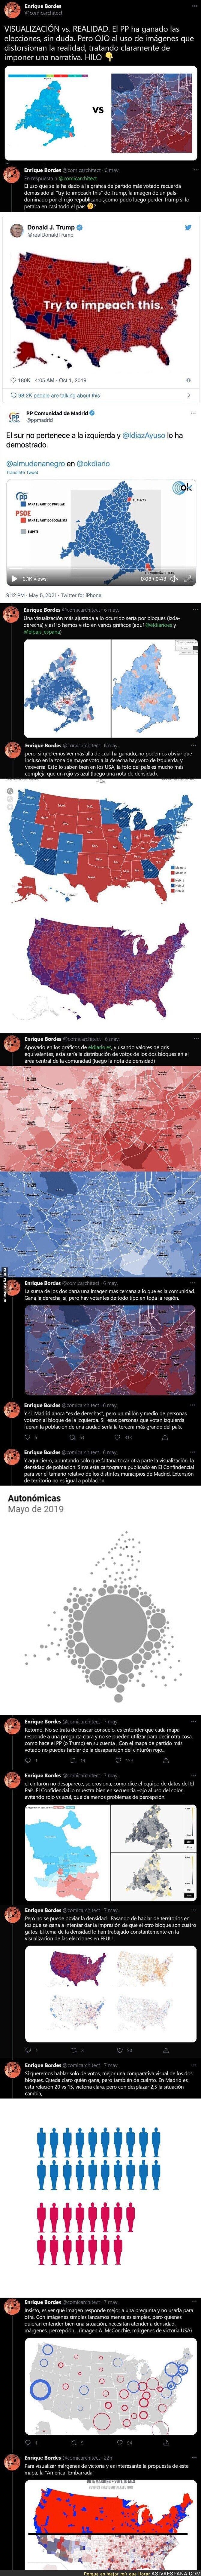 745594 - Atención a las gráficas que se enseñan en las elecciones de la Comunidad de Madrid porque podrían engañarte a primera vista